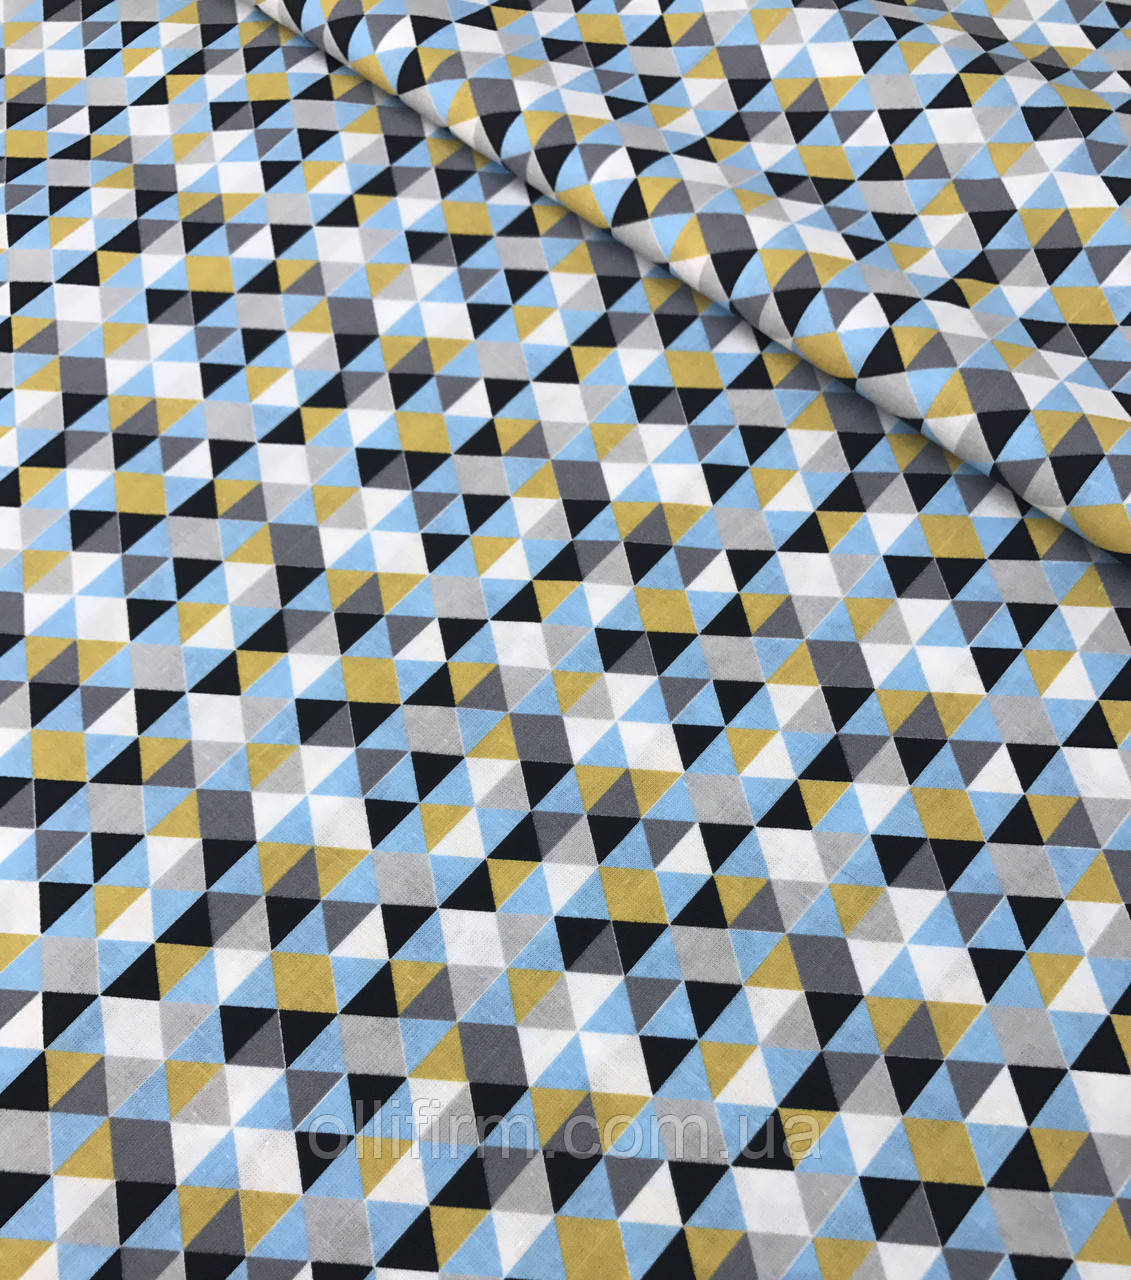 Хлопковая ткань премиум-класса треугольники желто-серо-черные №525